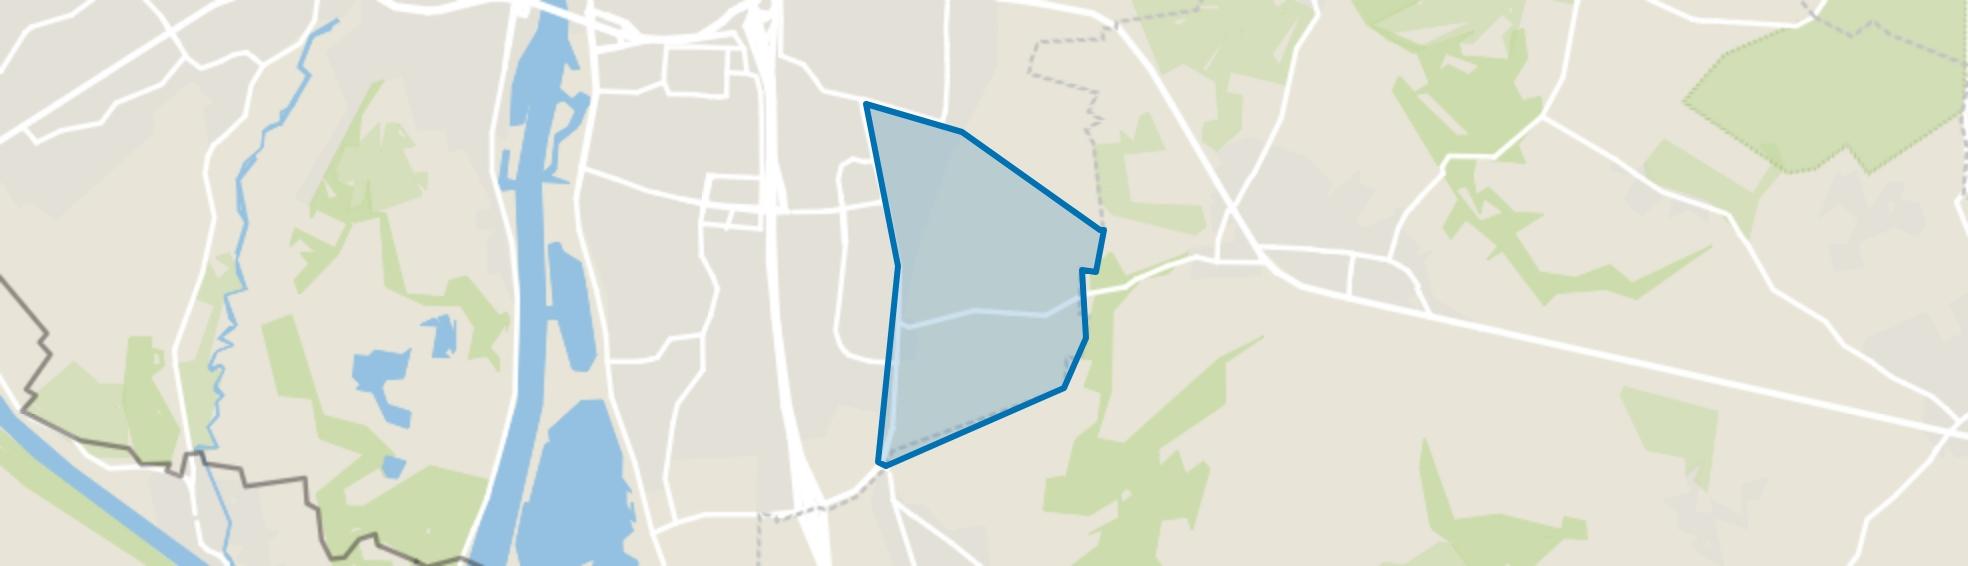 Vroendaal, Maastricht map